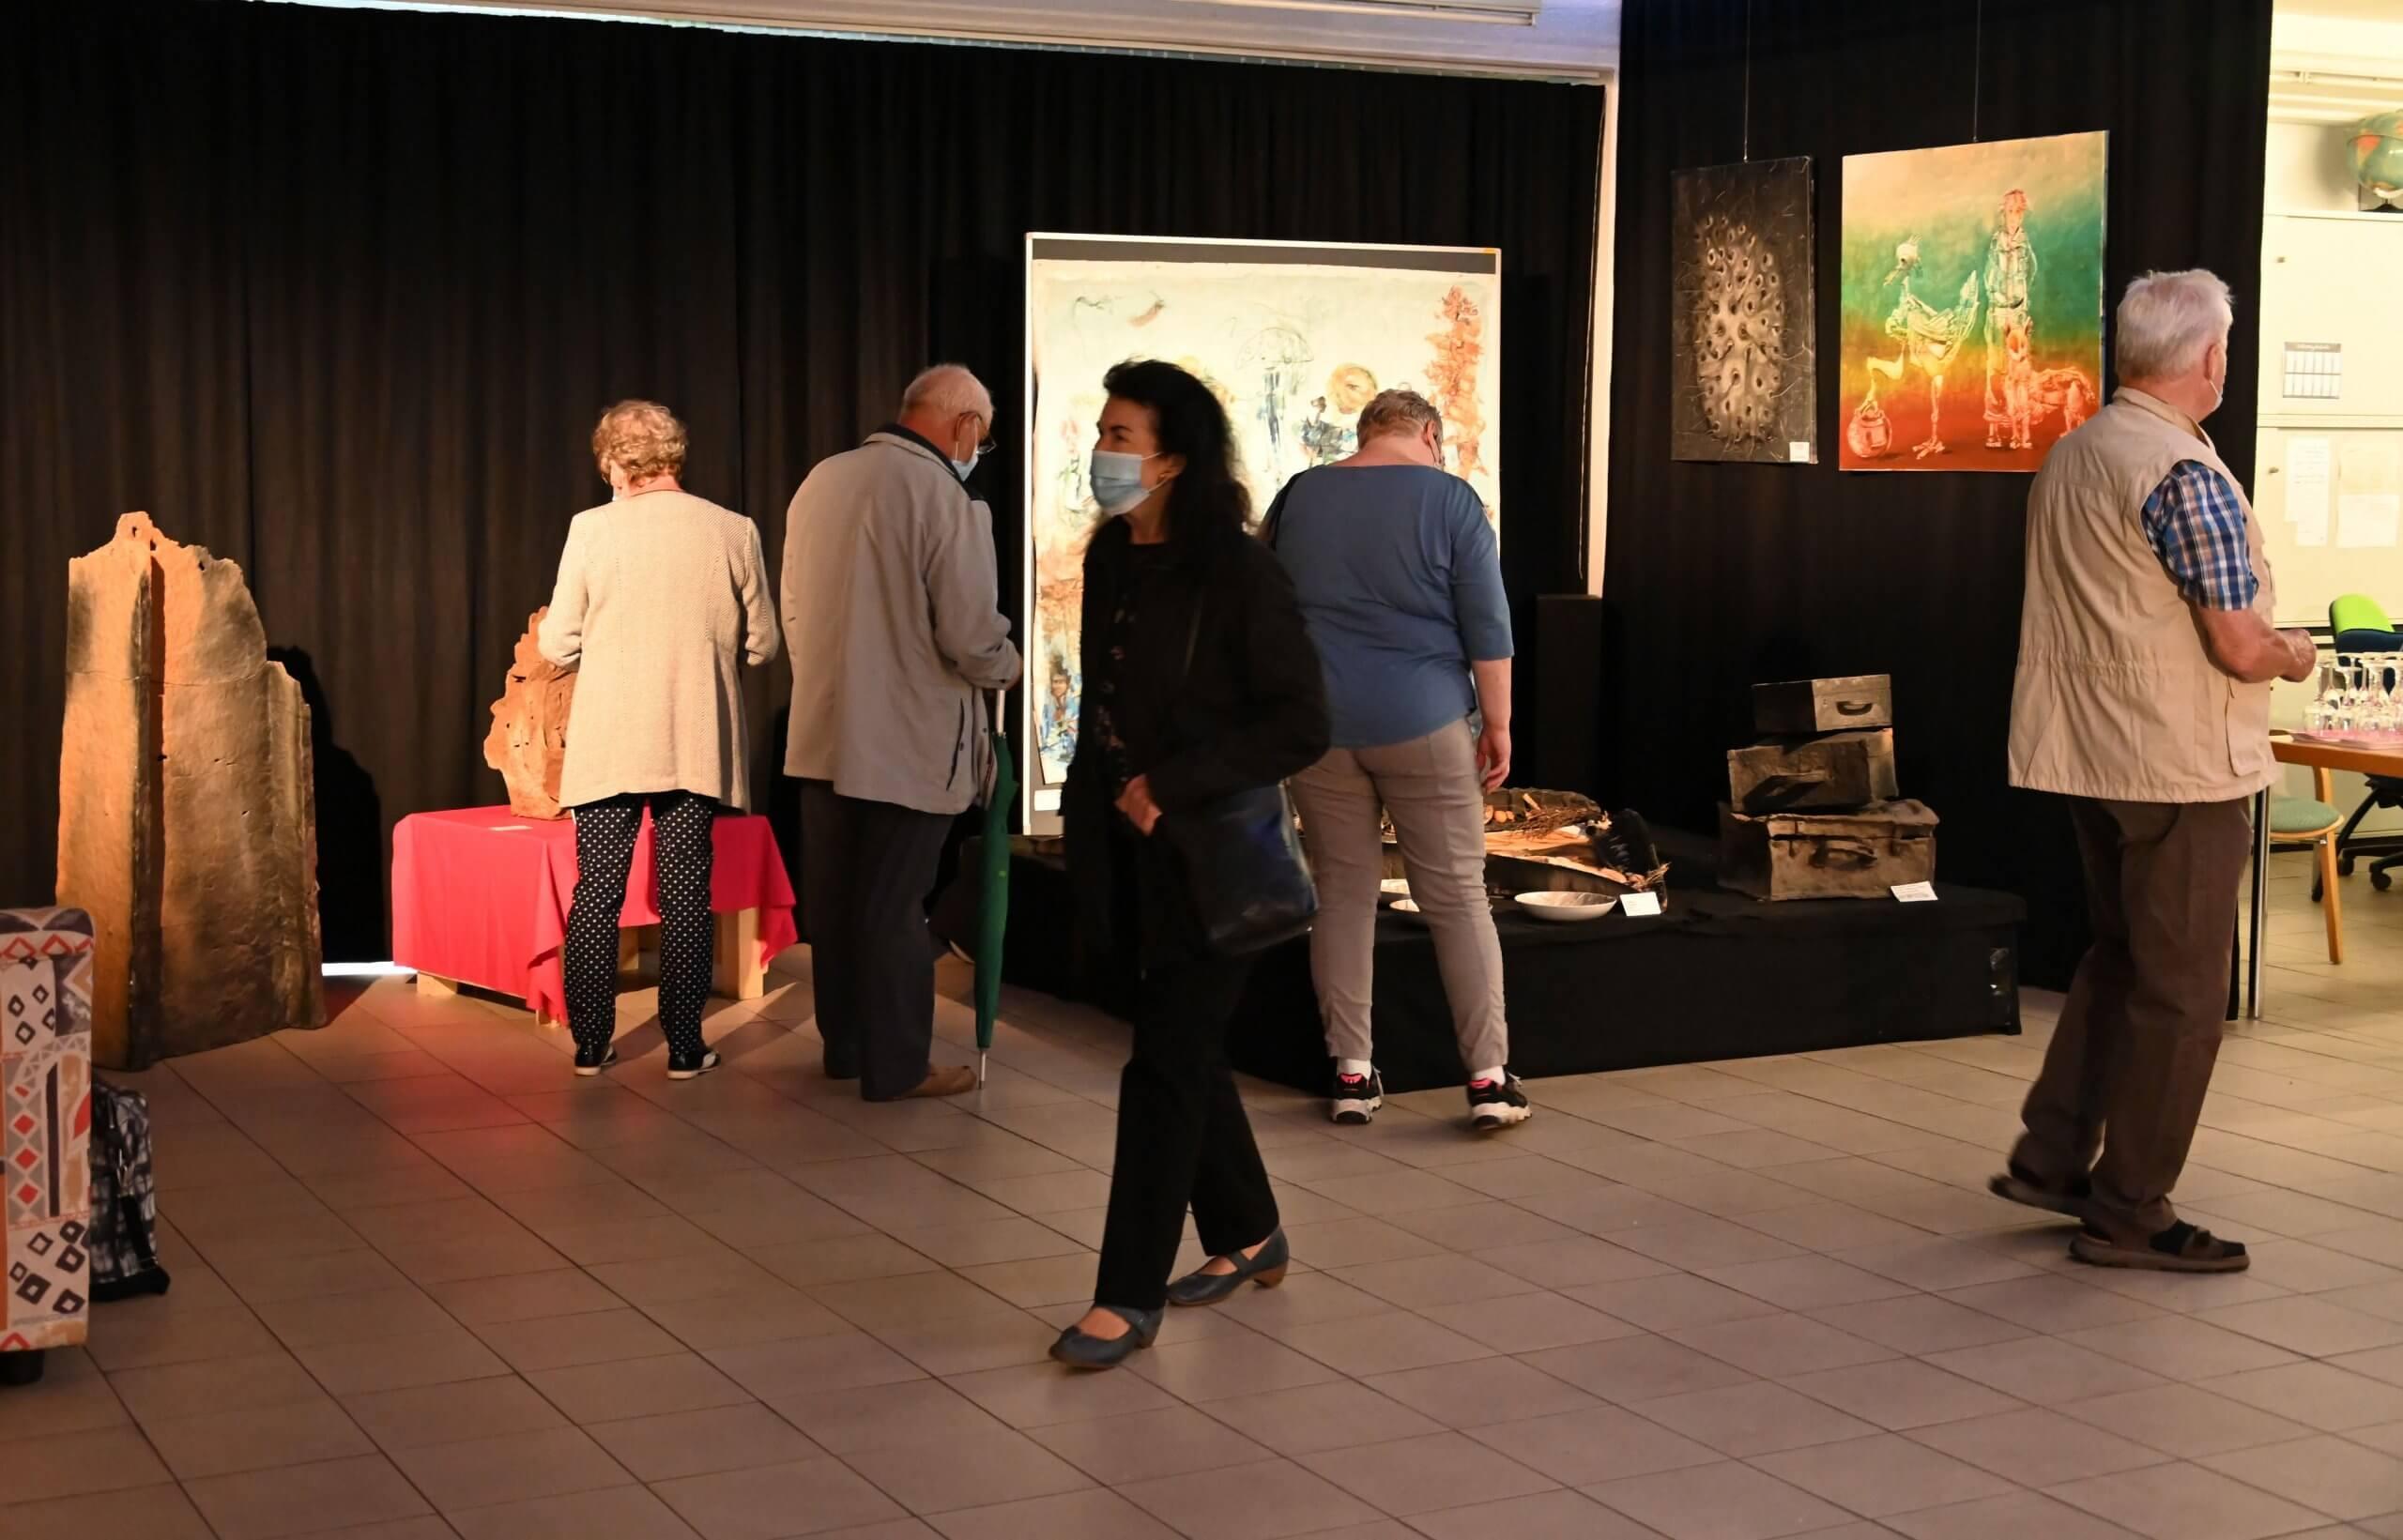 Das Bild zeigt den mit Kunstwerken zur Ausstellung Große Kunst in Altglienicke bestückten Saal im Kiezladen der Möglichkeiten WaMa.